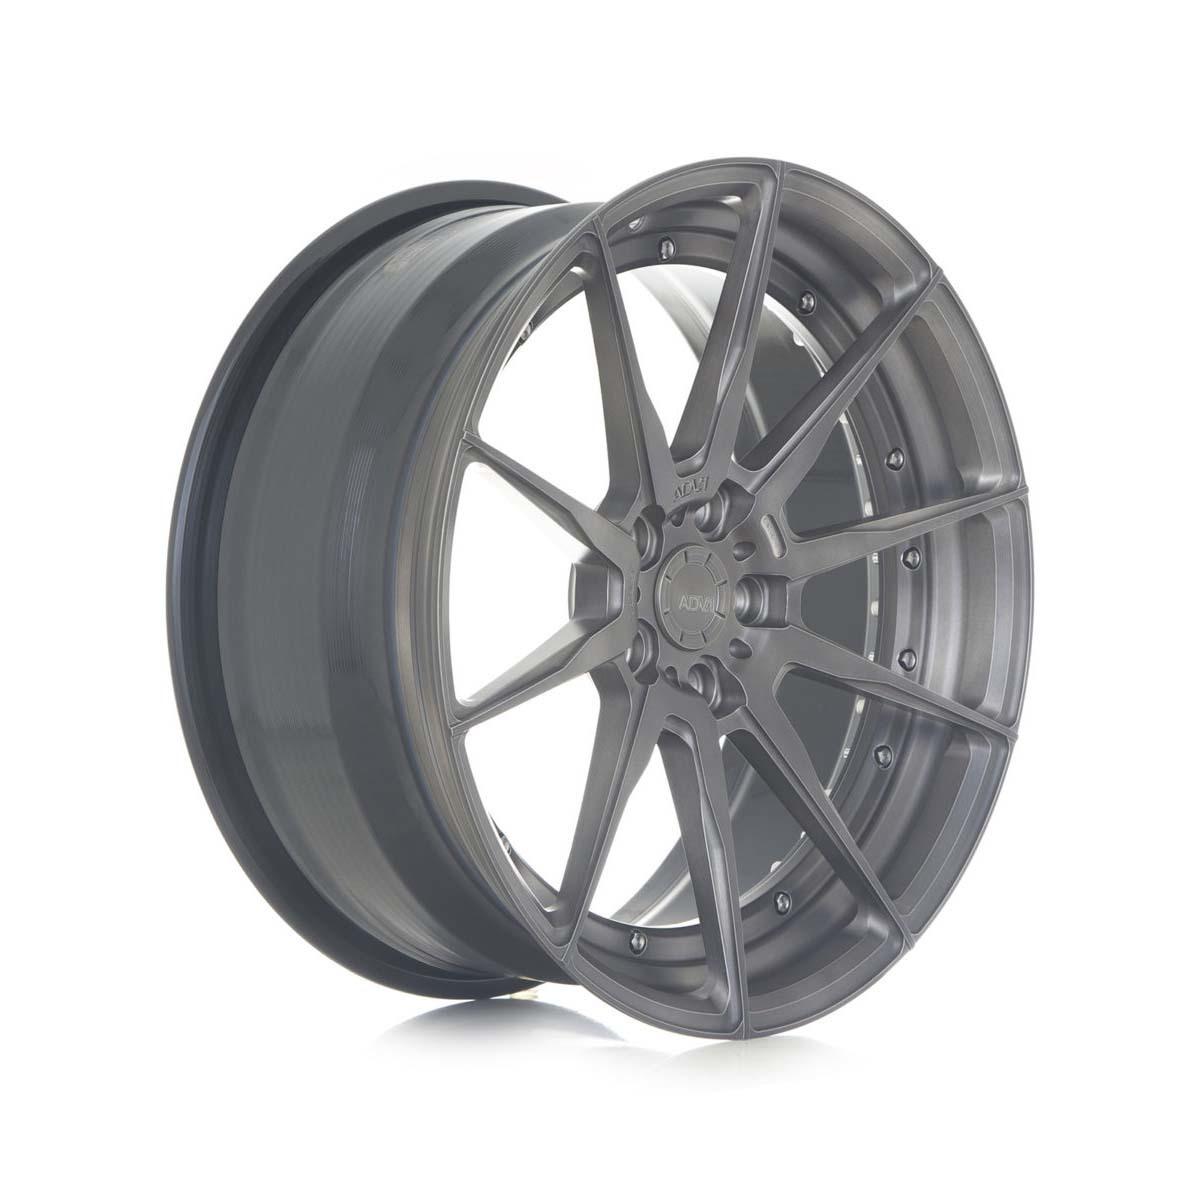 ADV.1 ADV10 M.V2 (CS Series) forged wheels